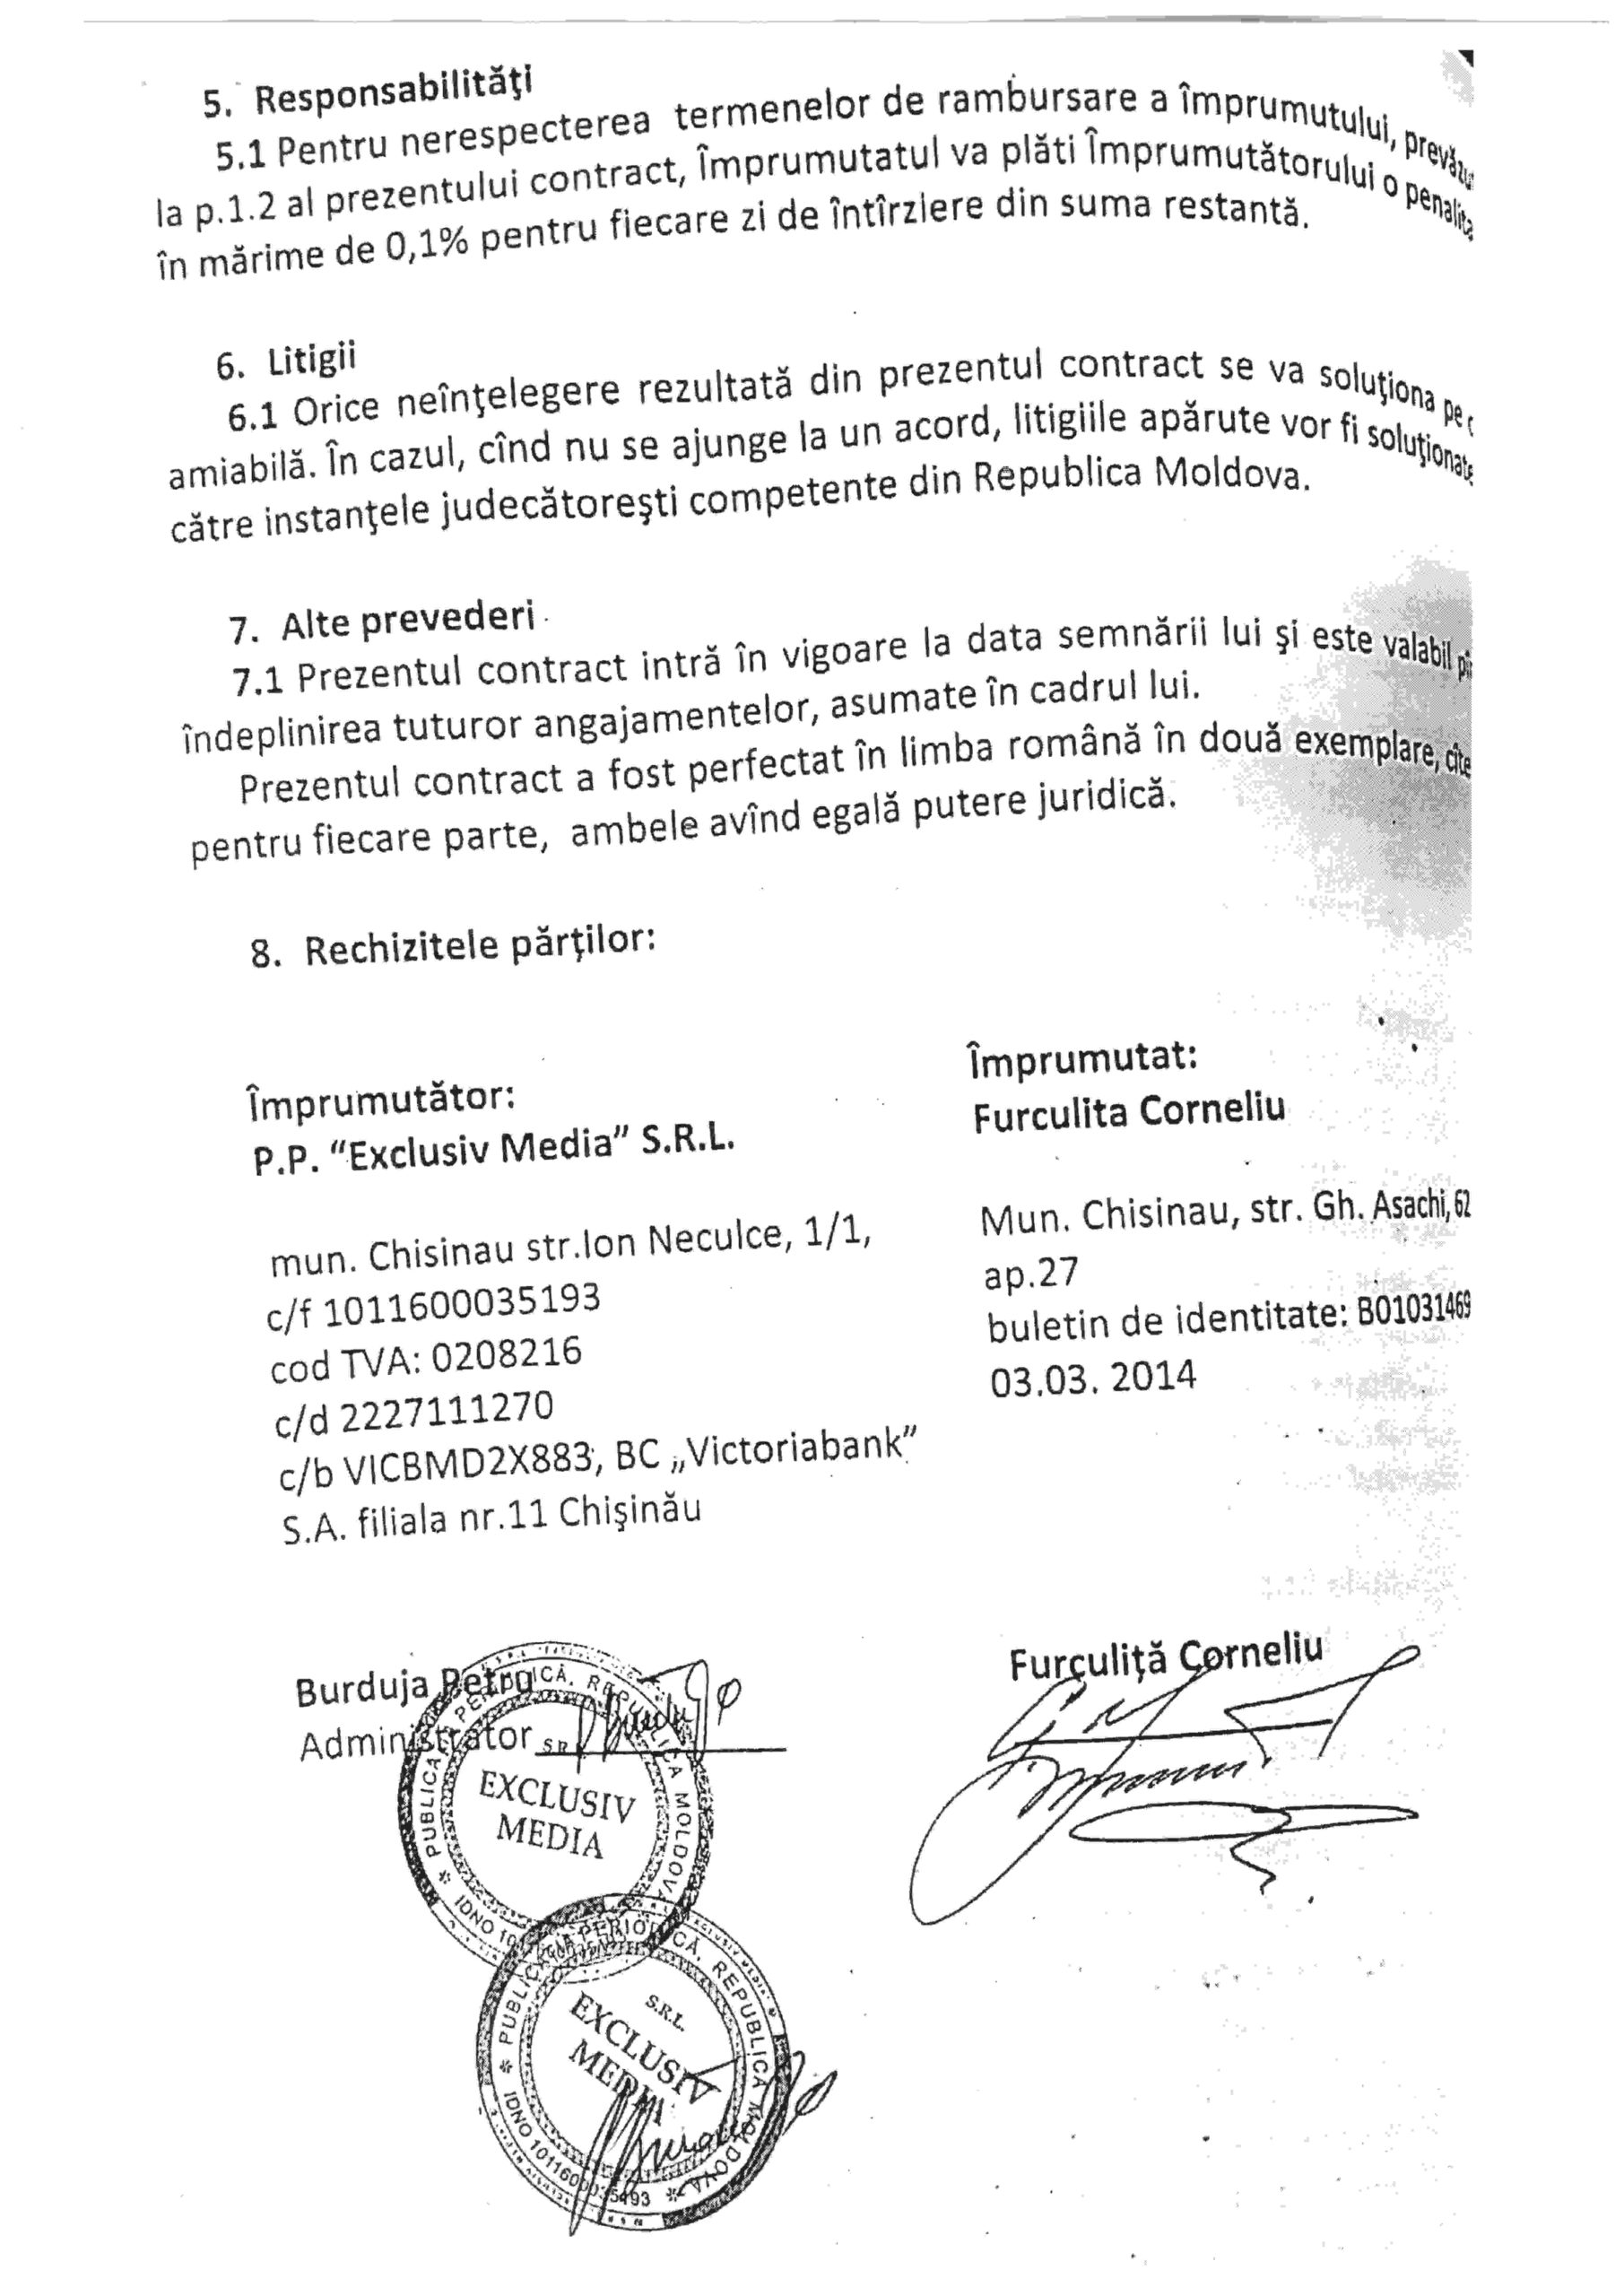 Реницэ и Цыку представили «доказательства» связи депутатов от ПСРМ с«багамской операцией»